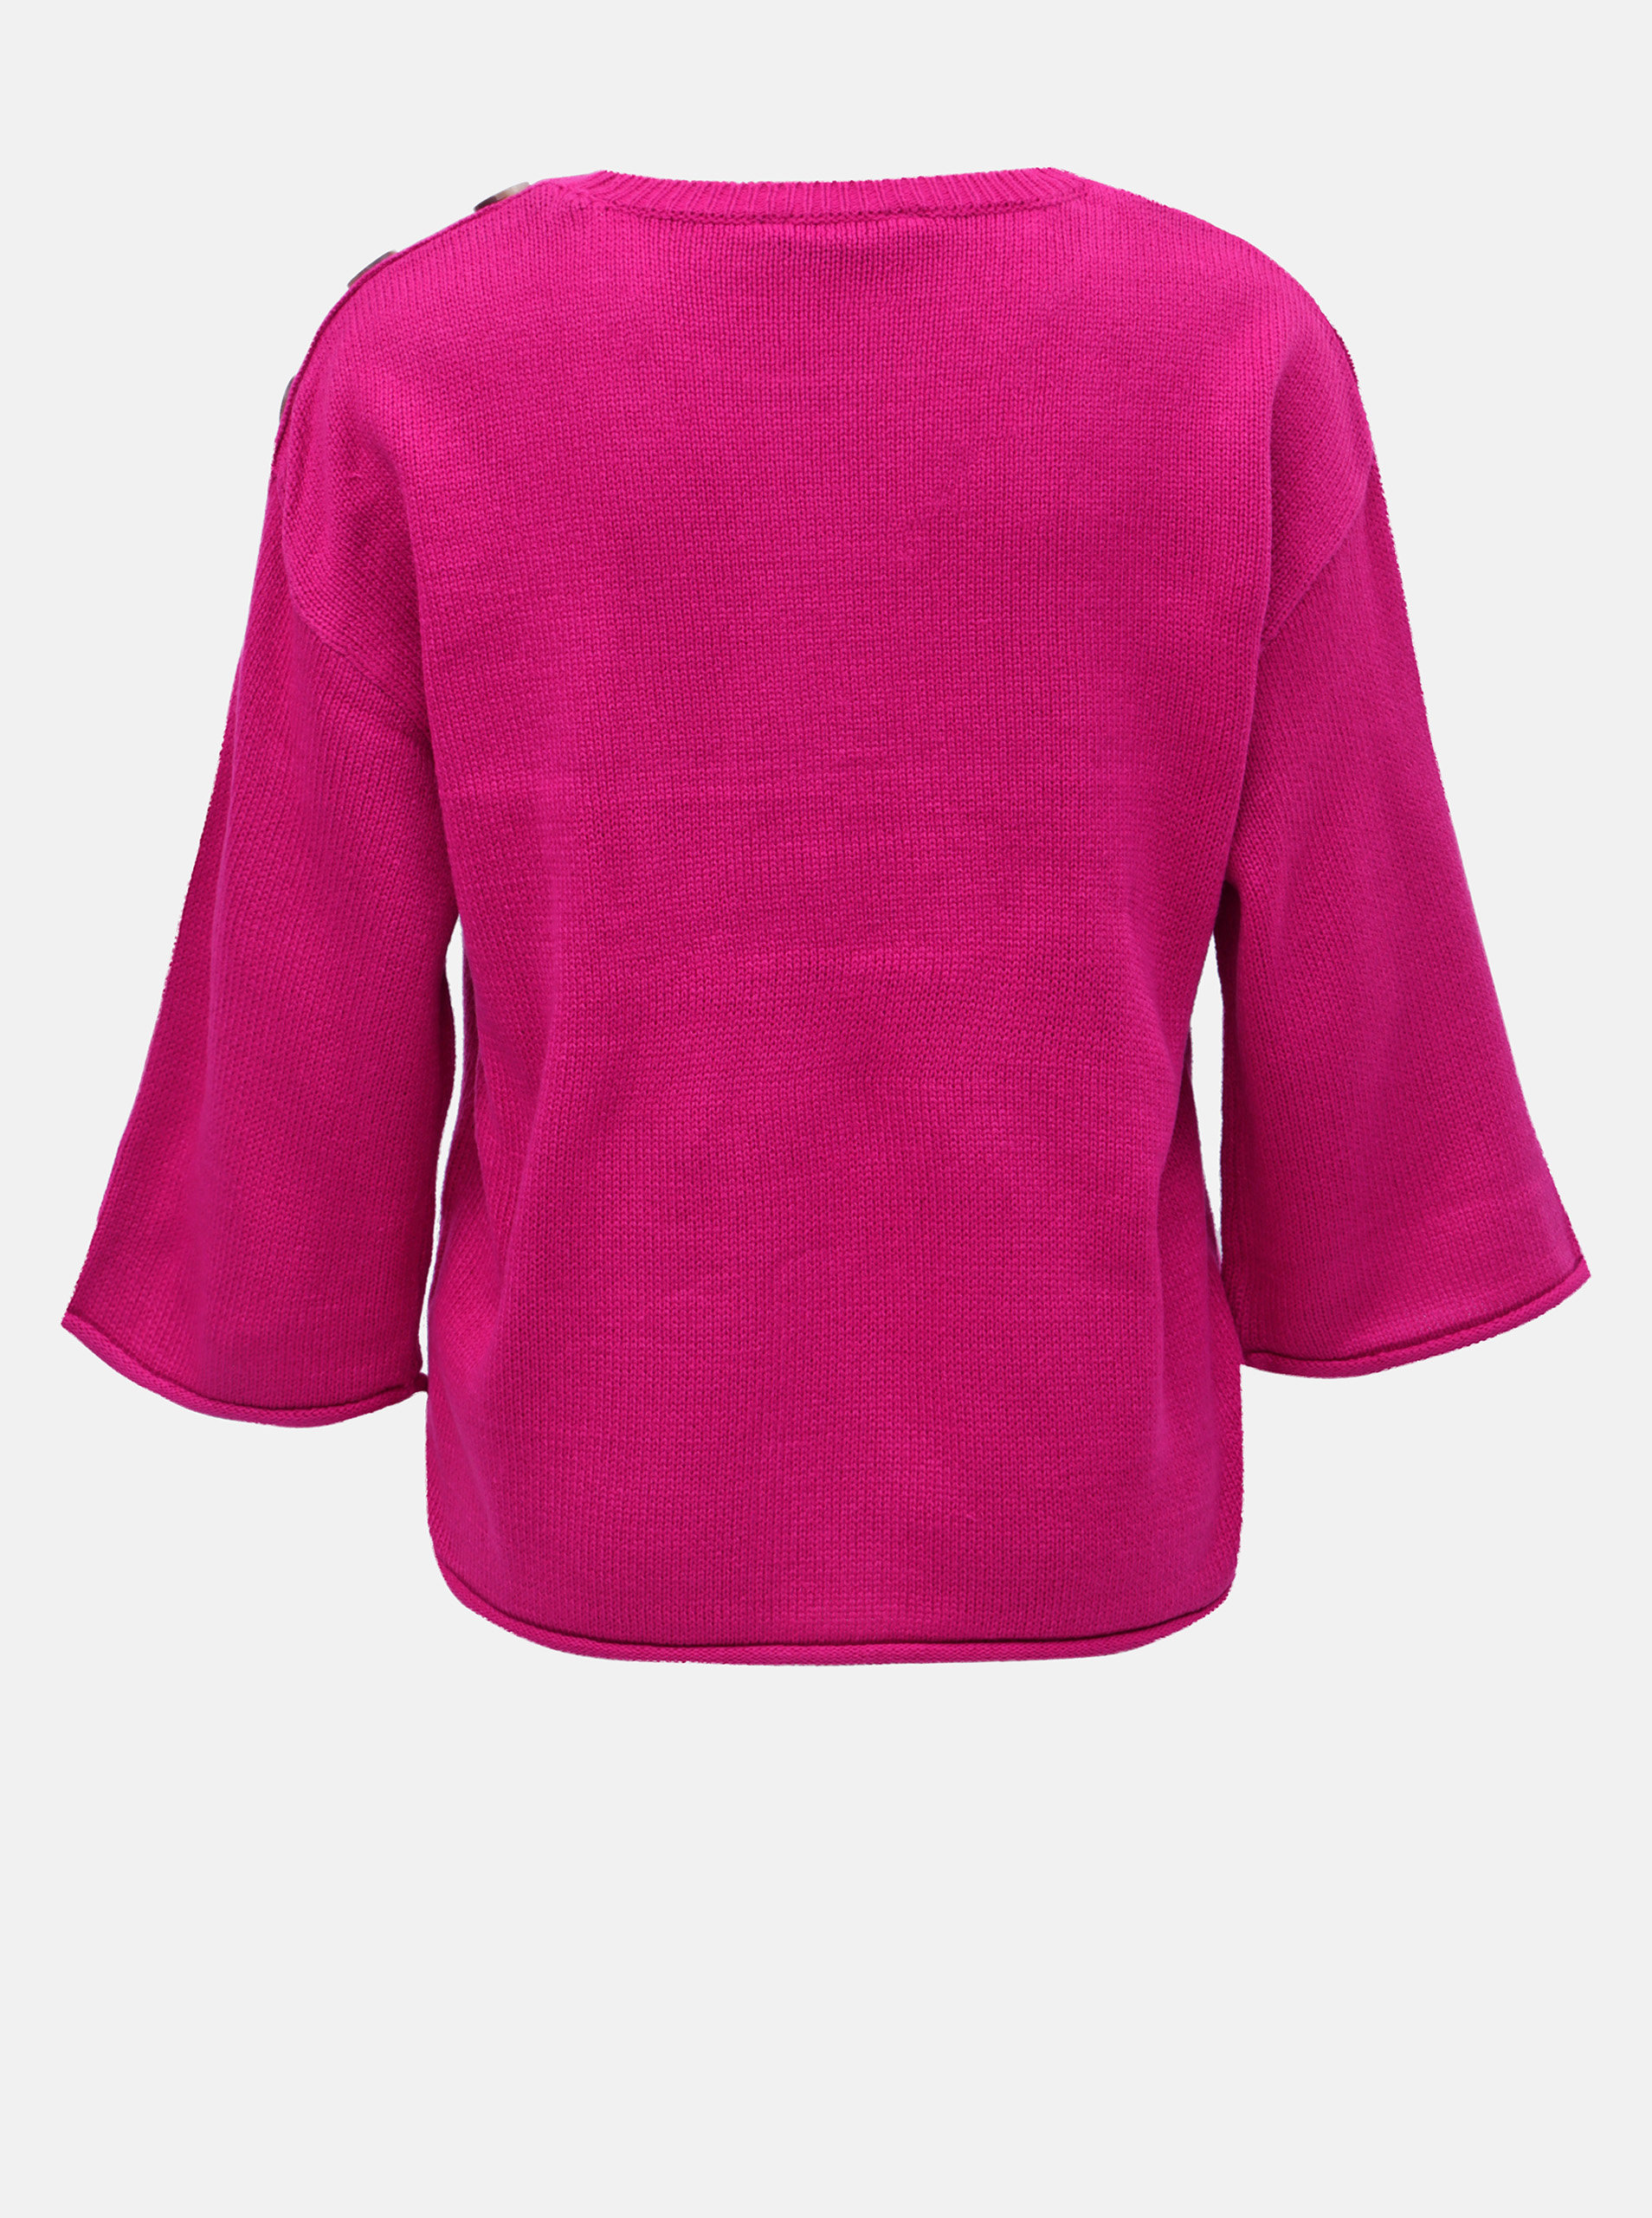 85802fade511 Tmavoružový sveter s gombíkmi Dorothy Perkins ...